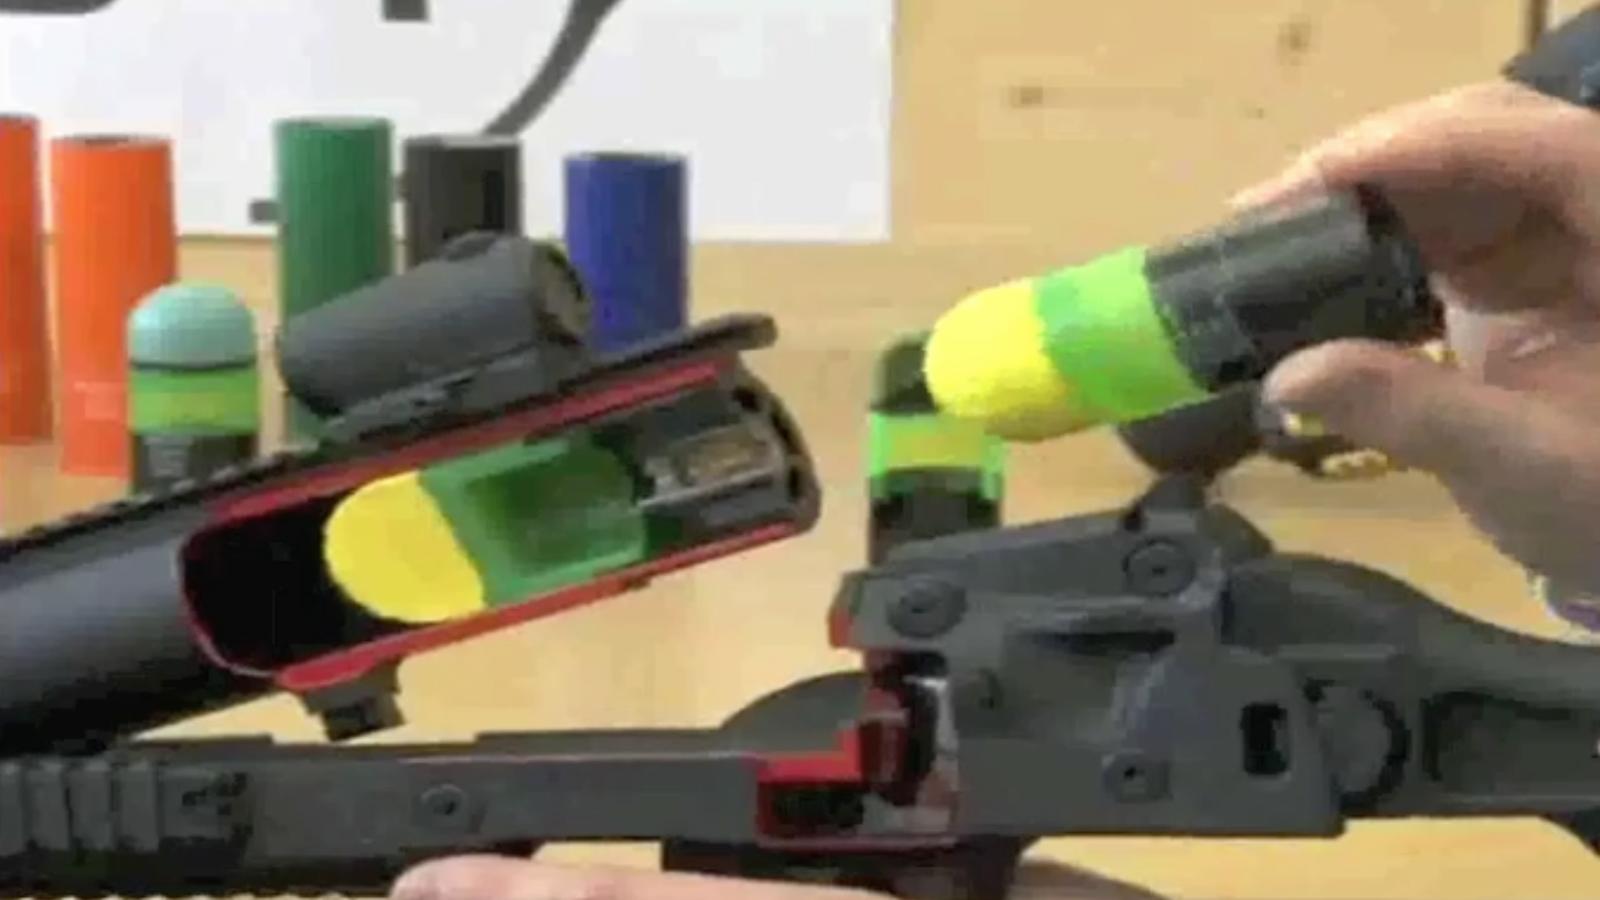 Nova arma antiavalots per substituir les pilotes de goma dels Mossos